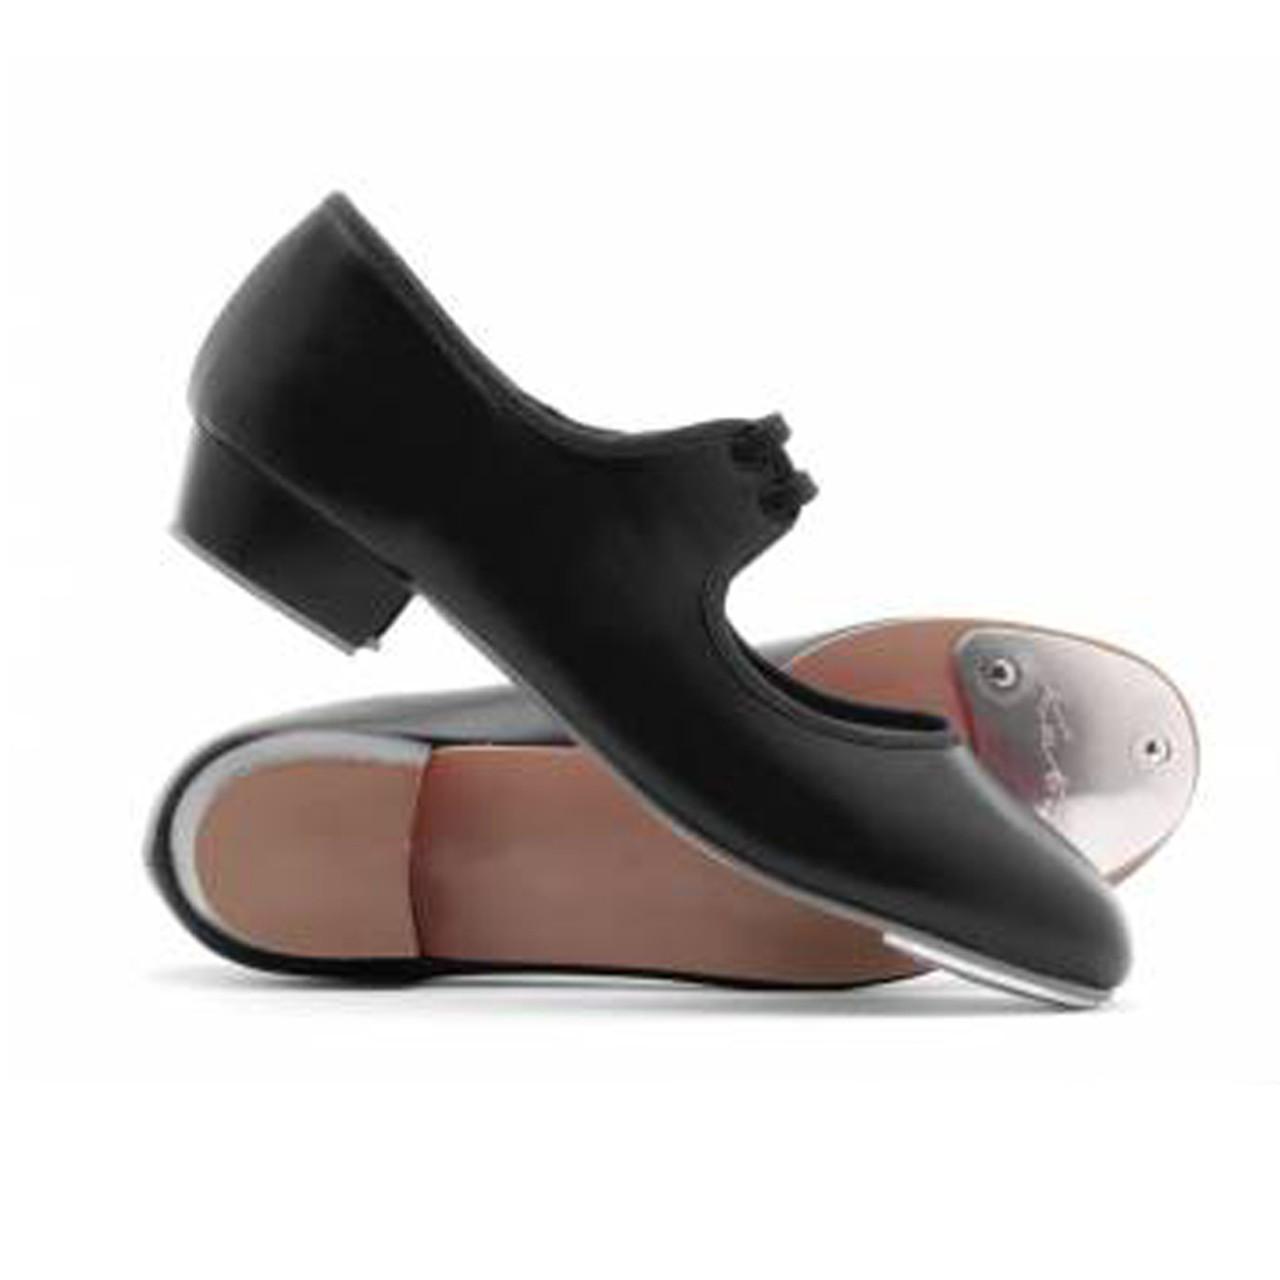 59034cc4b Katz PU Low Heel Toe Tap Fitted - 4 dance